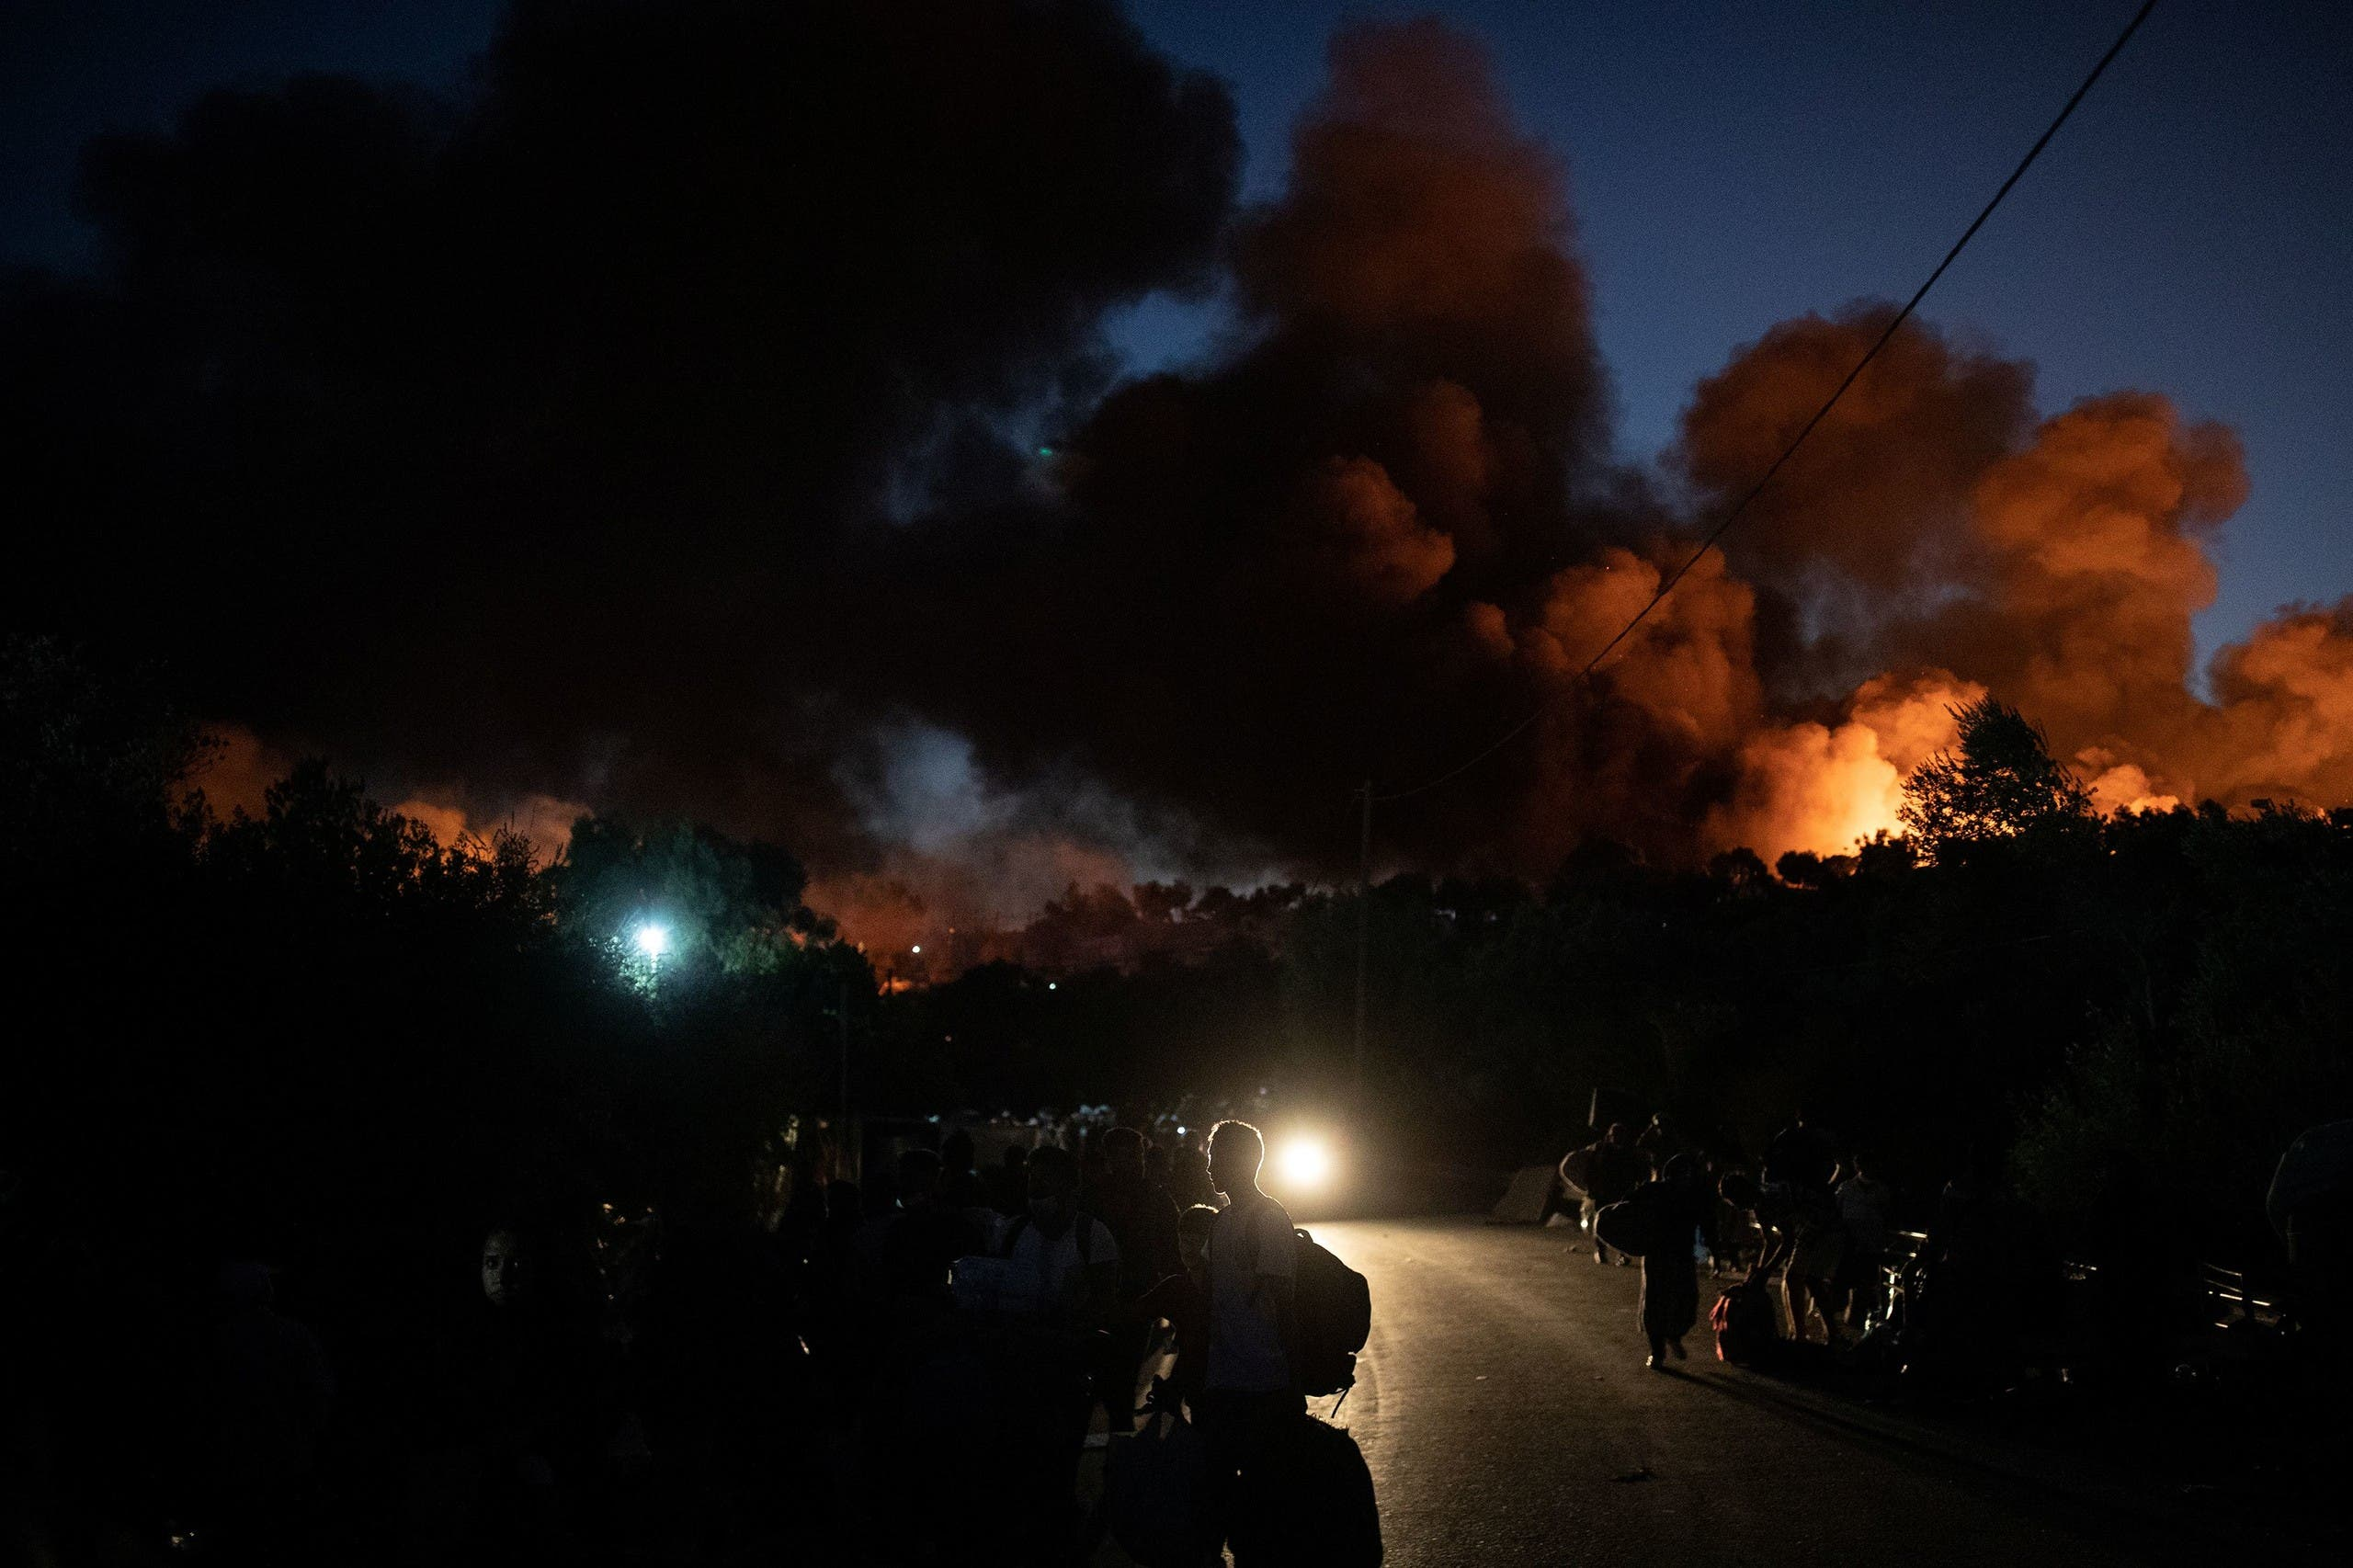 لاجئون يهربون من الحريق في المخيم